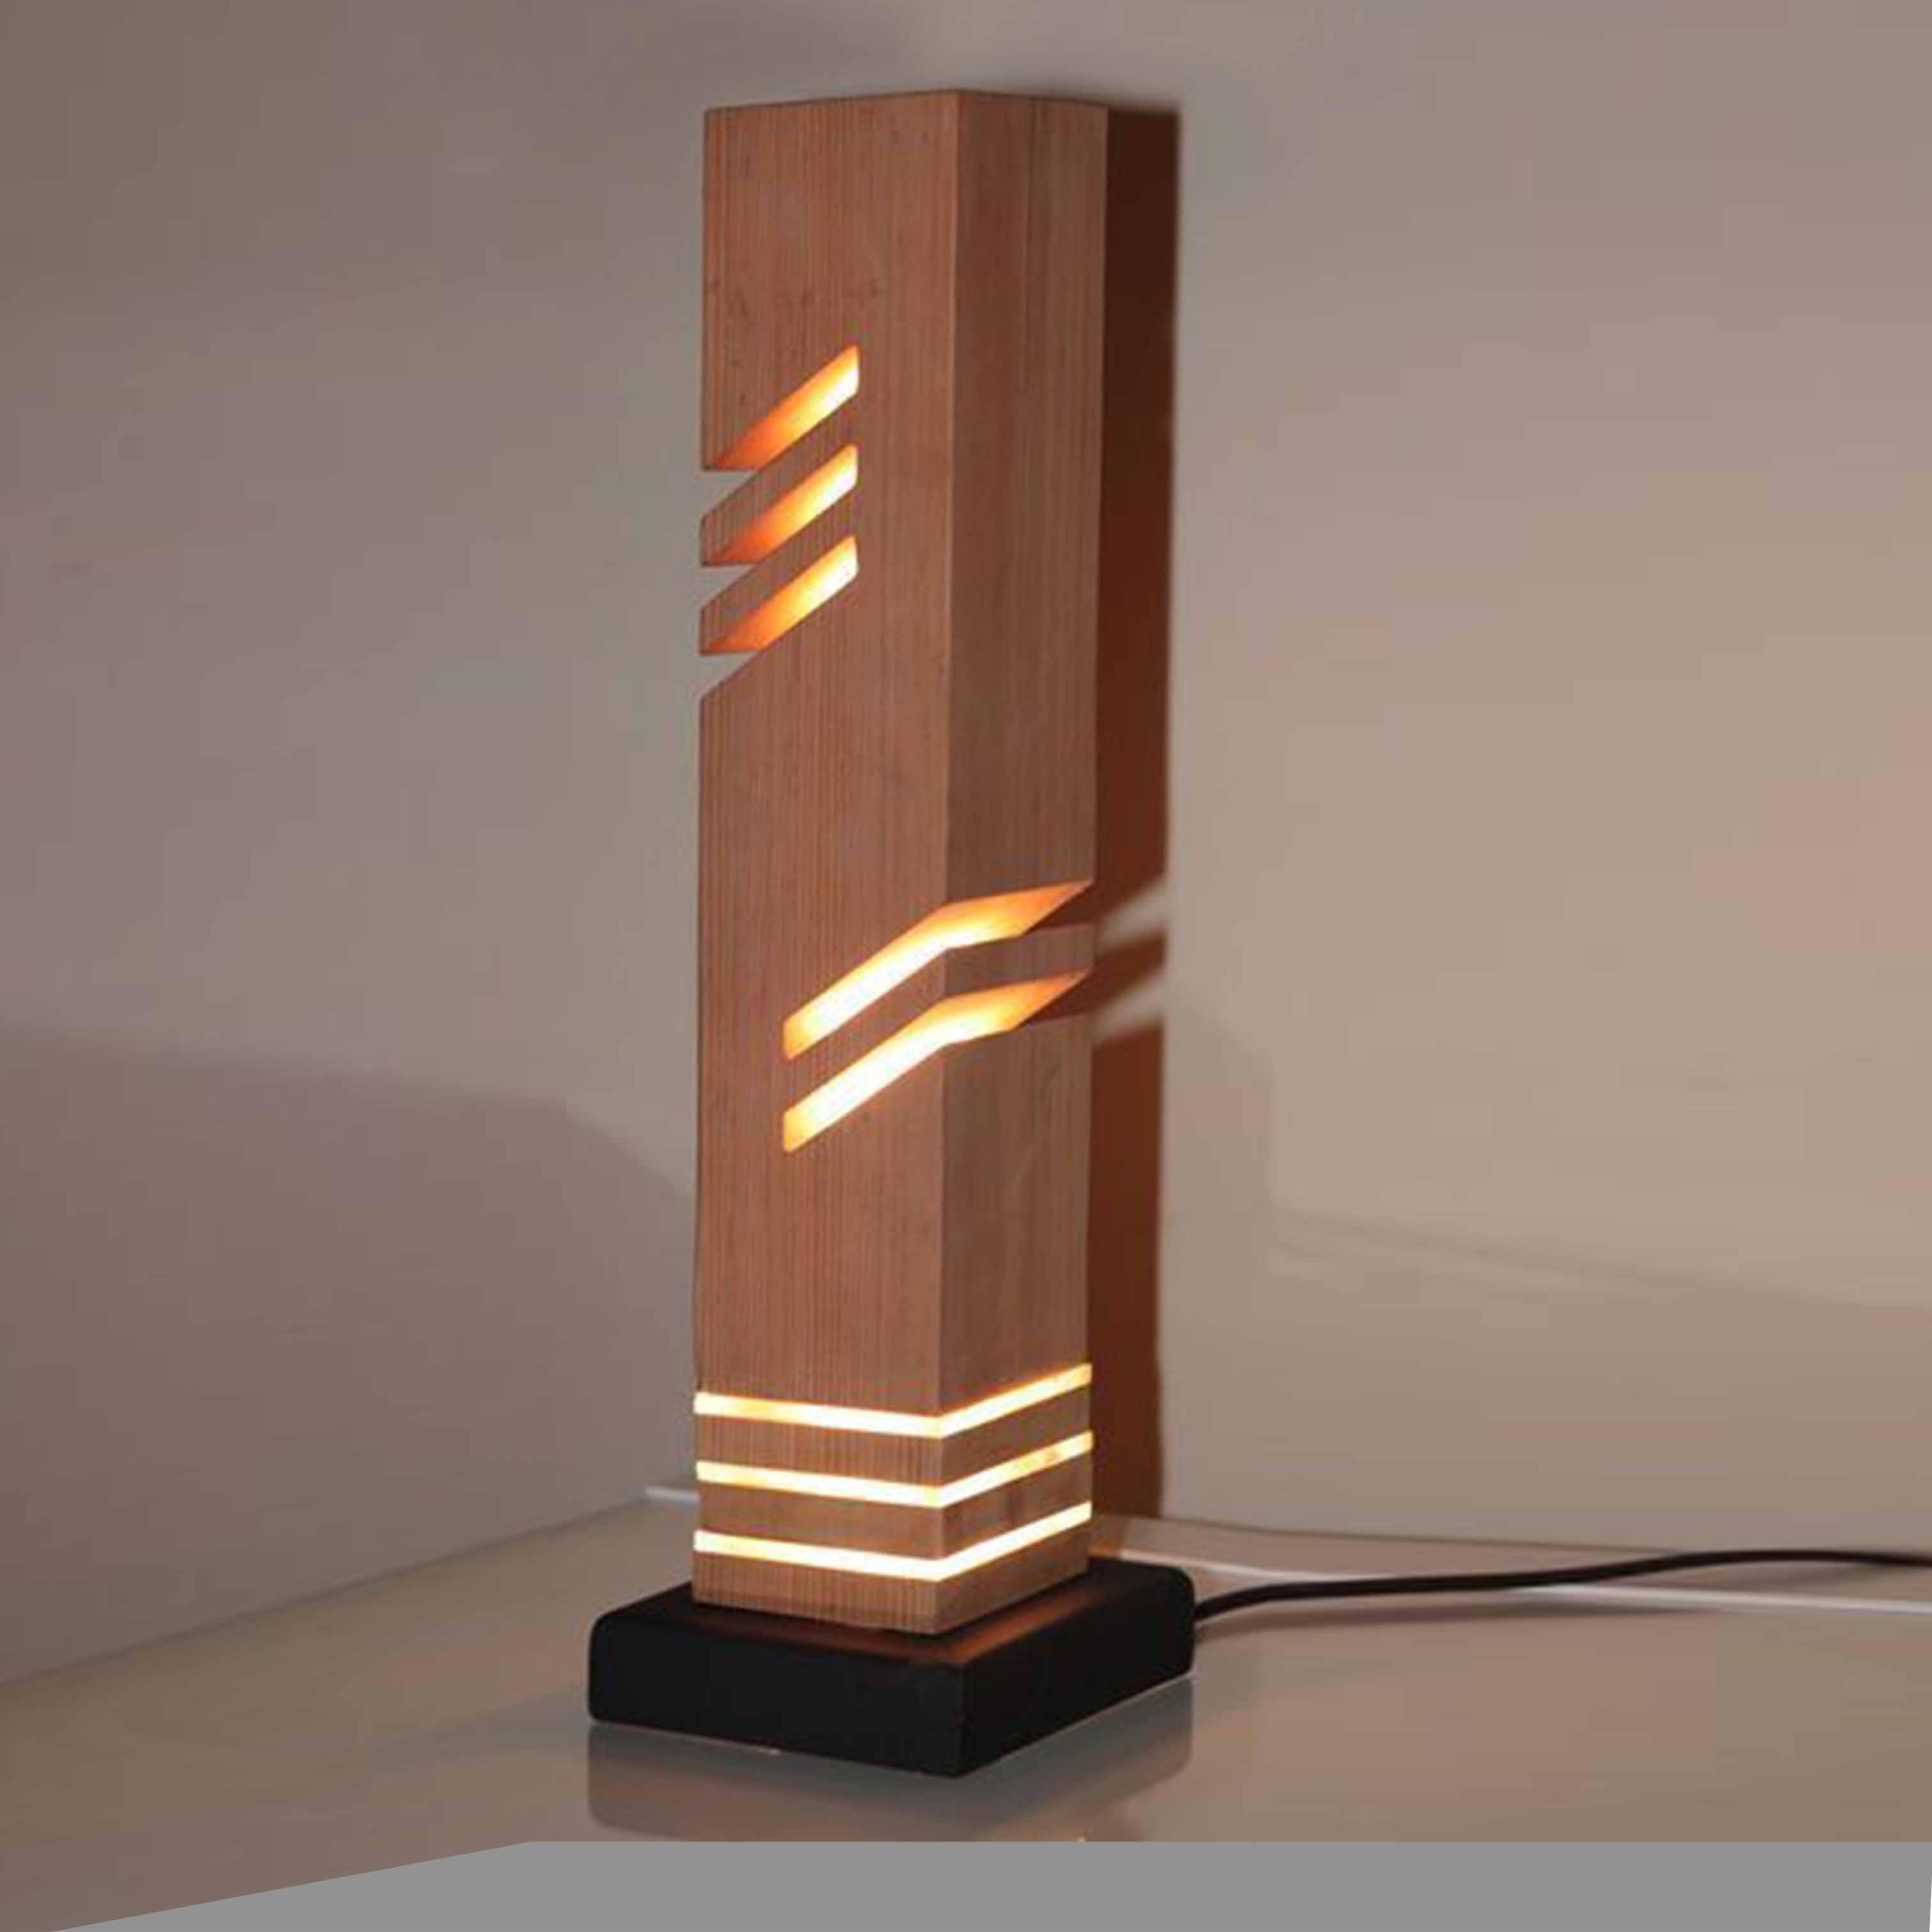 Đèn gỗ trang trí nghệ thuật - D50LHFU